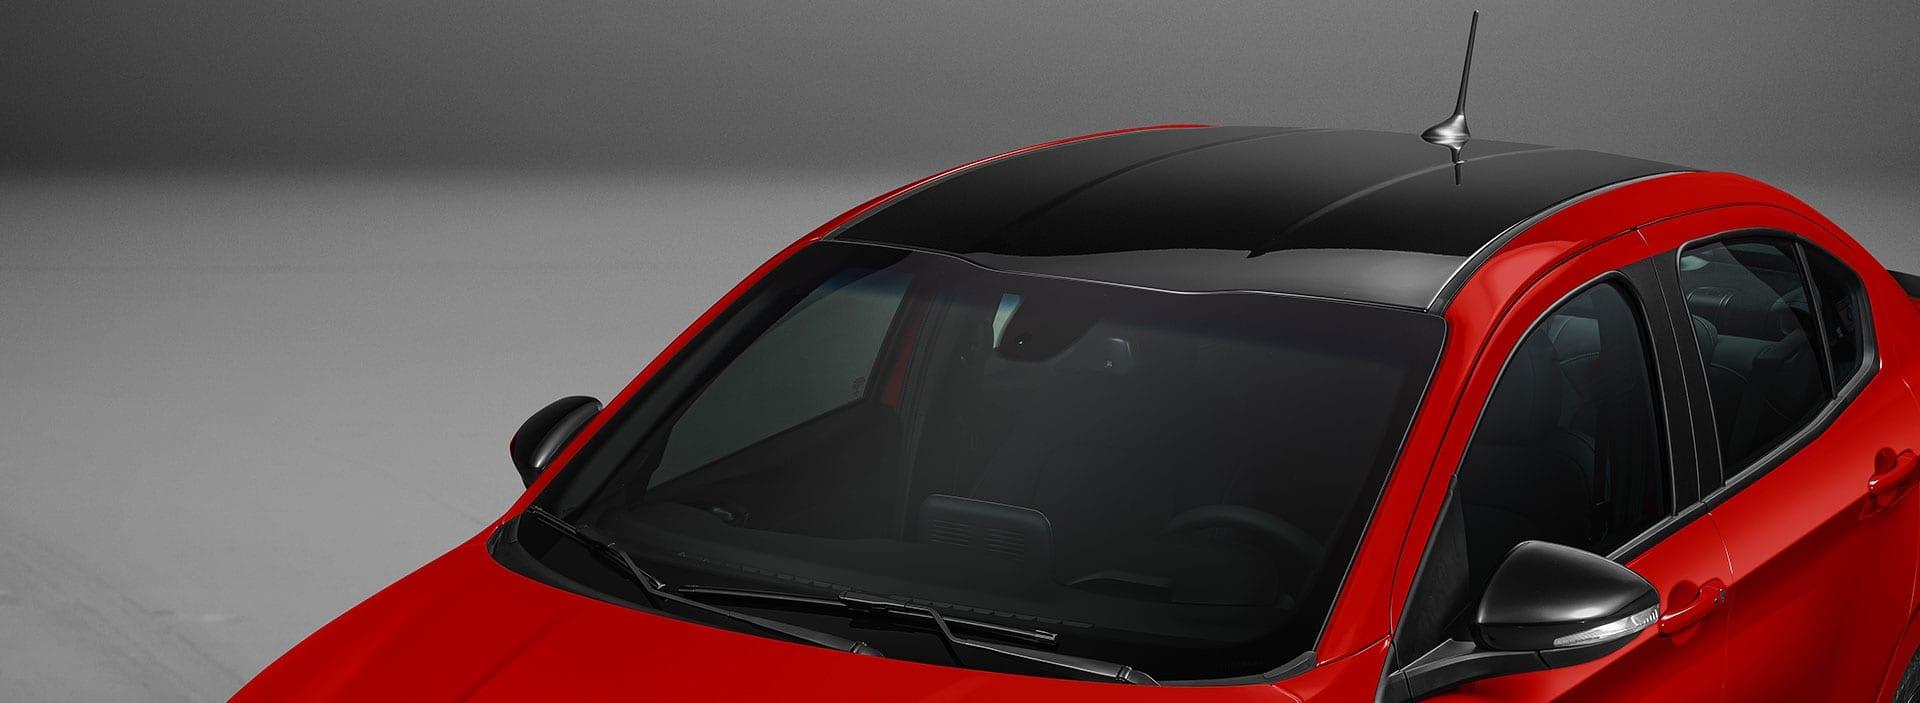 designEsportivo teto1 Cronos - Concessionária e Revenda Autorizada Fiat em Santa Catarina, SC | Carboni Fiat